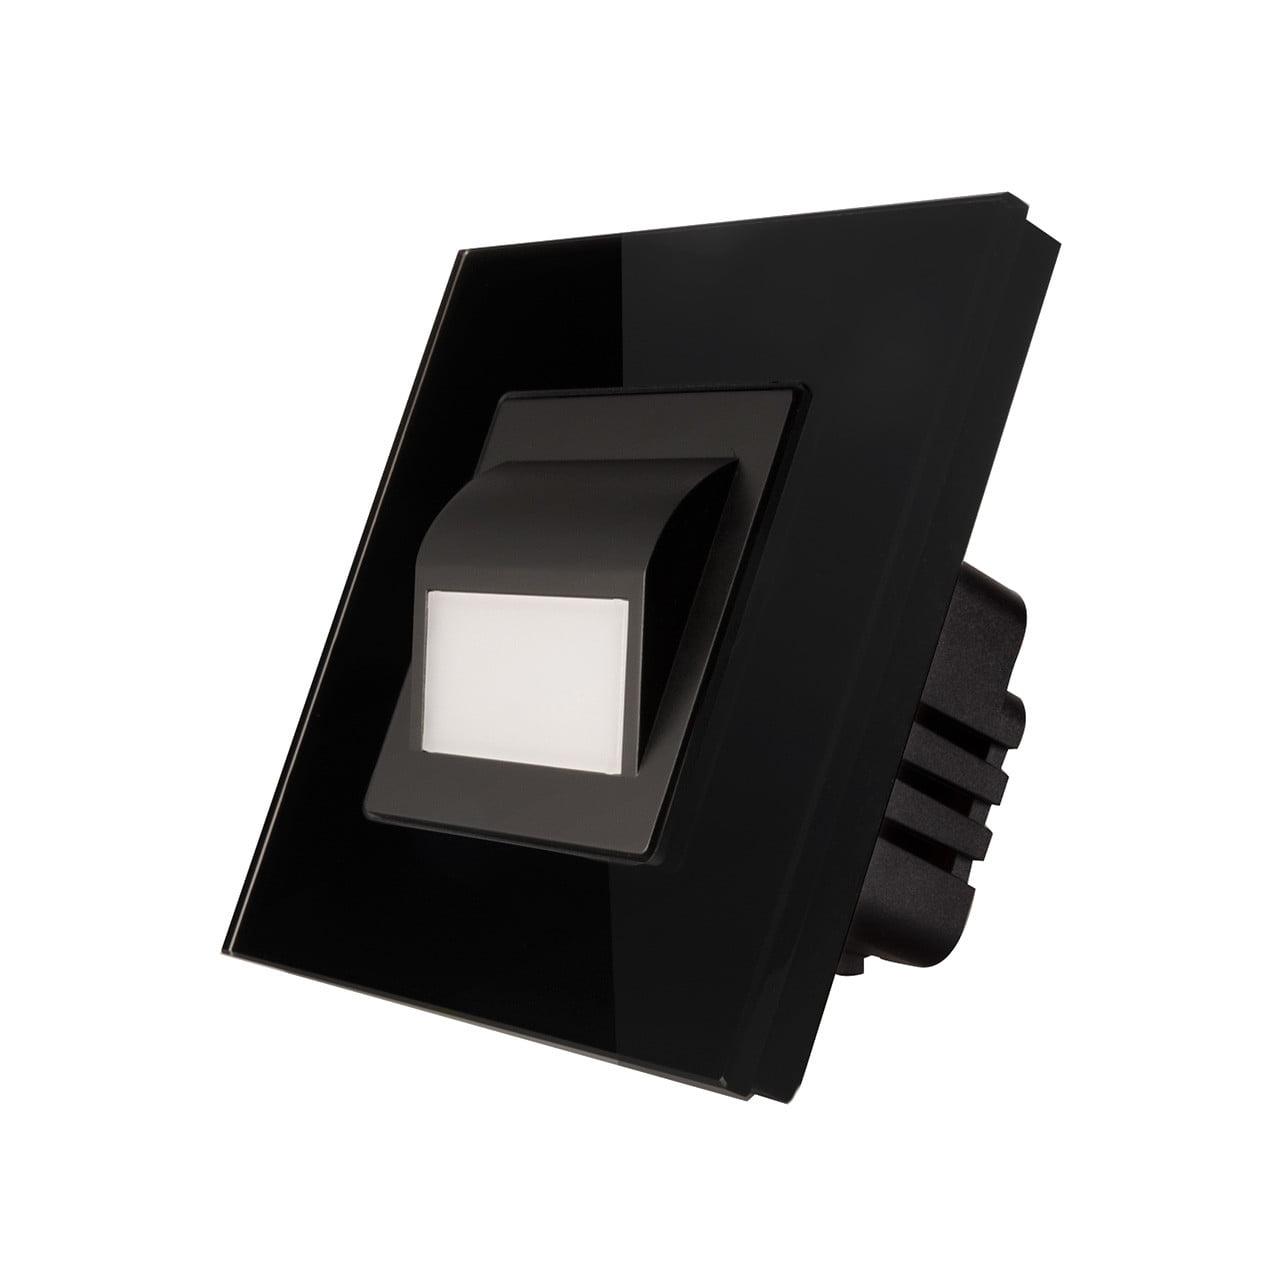 Lampa podea LED completa, cu rama inclusa, lumina calda, 1W, Smart Home